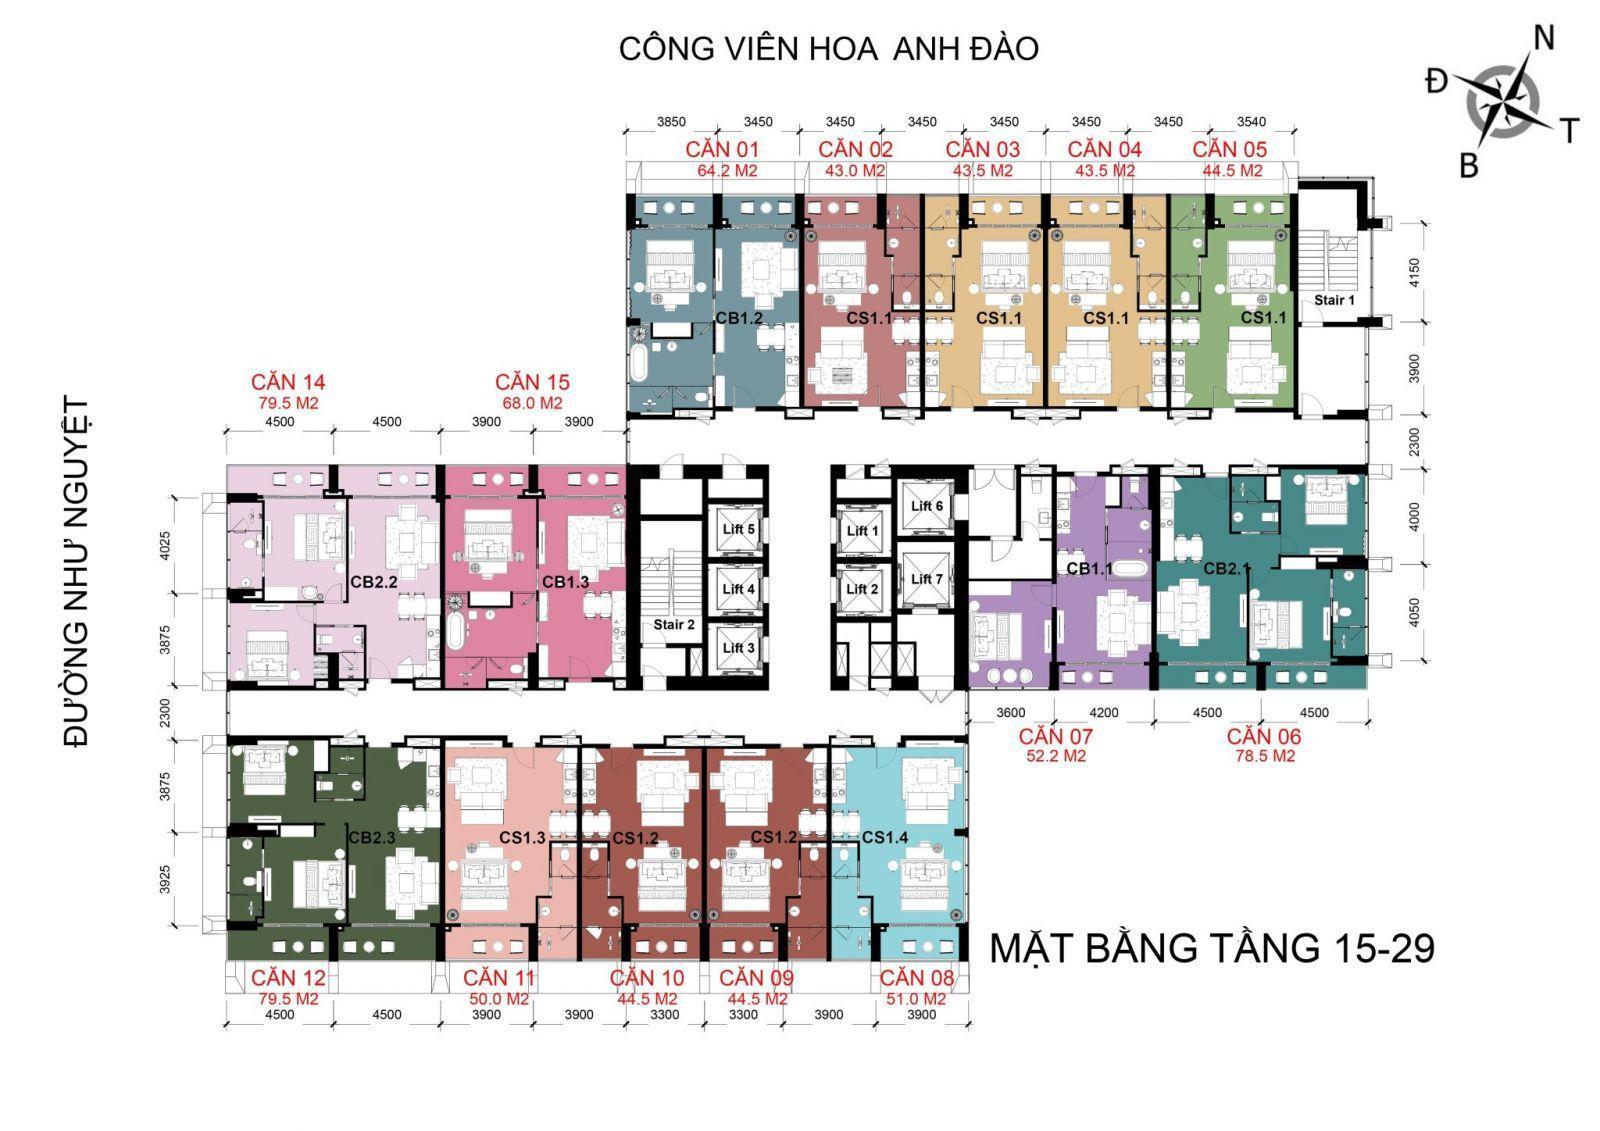 mặt bằng tầng 15 - 29 Movenpick Đà Nẵng